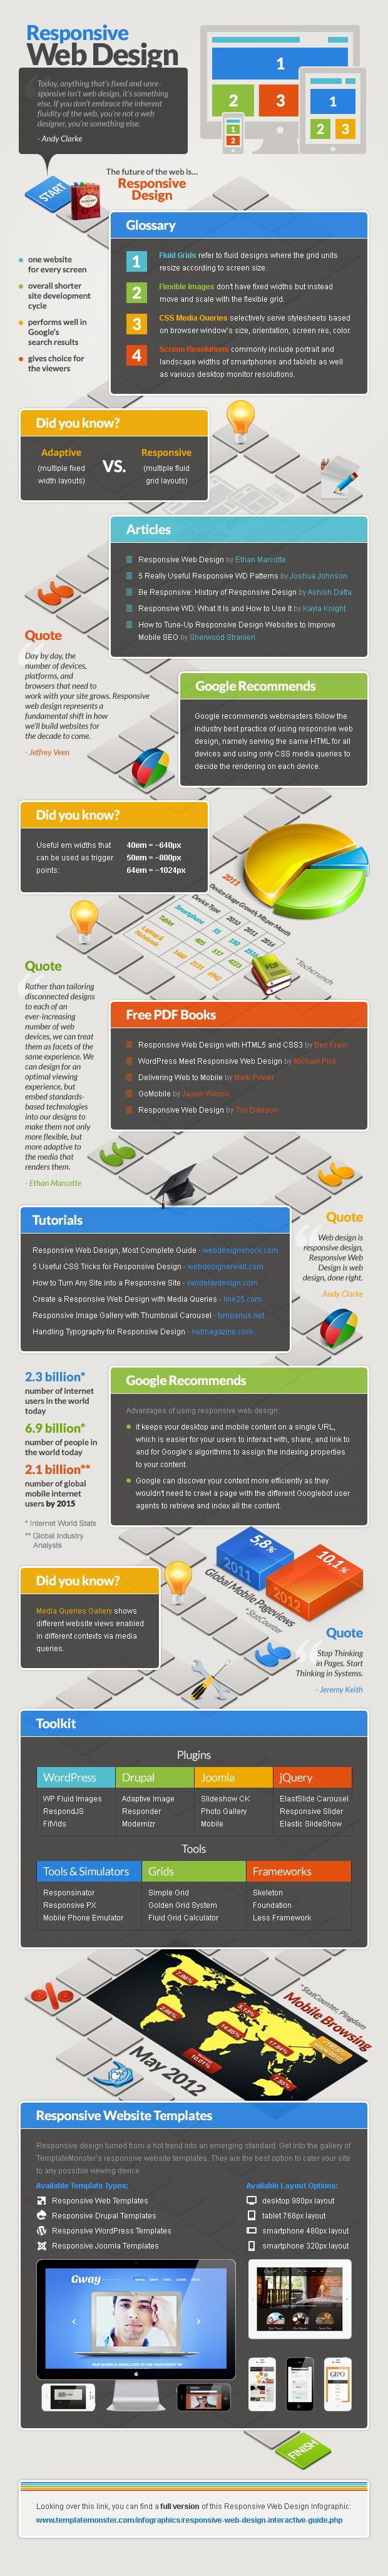 Responsive Web Design - ressources, statistiques et outils